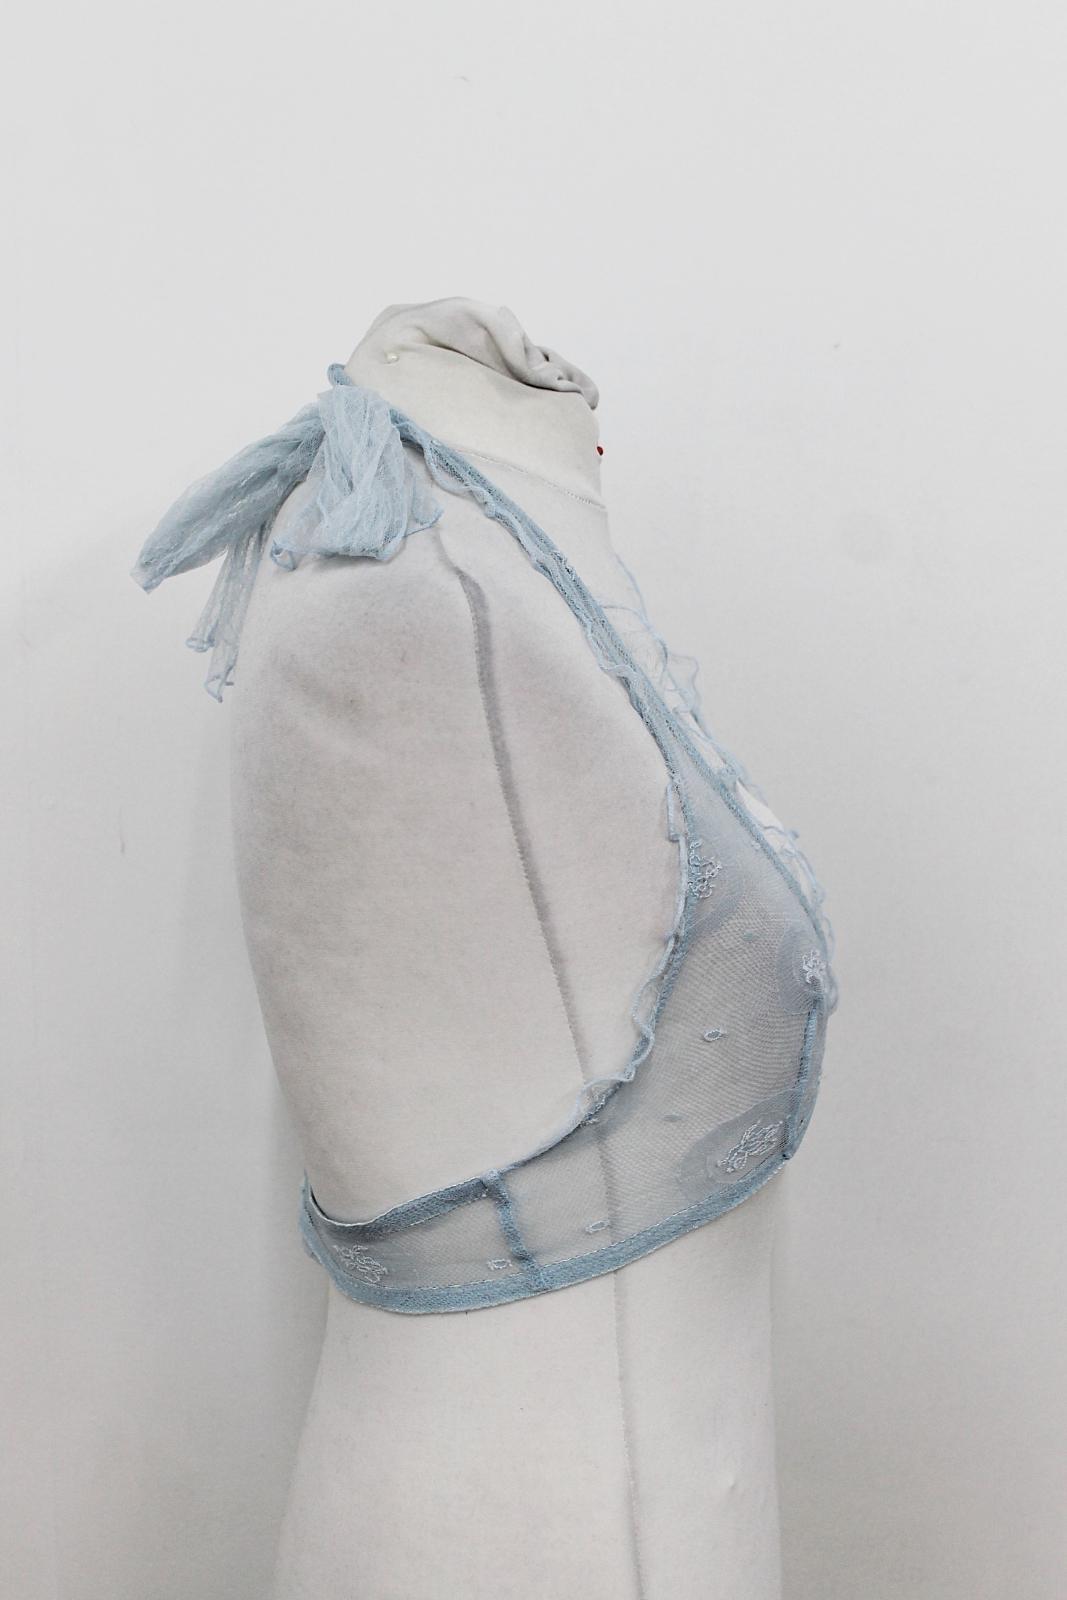 LA-PERLA-Ladies-Light-Blue-Lace-Halterneck-Unwired-Delicate-Bra-Size-UK34 thumbnail 3